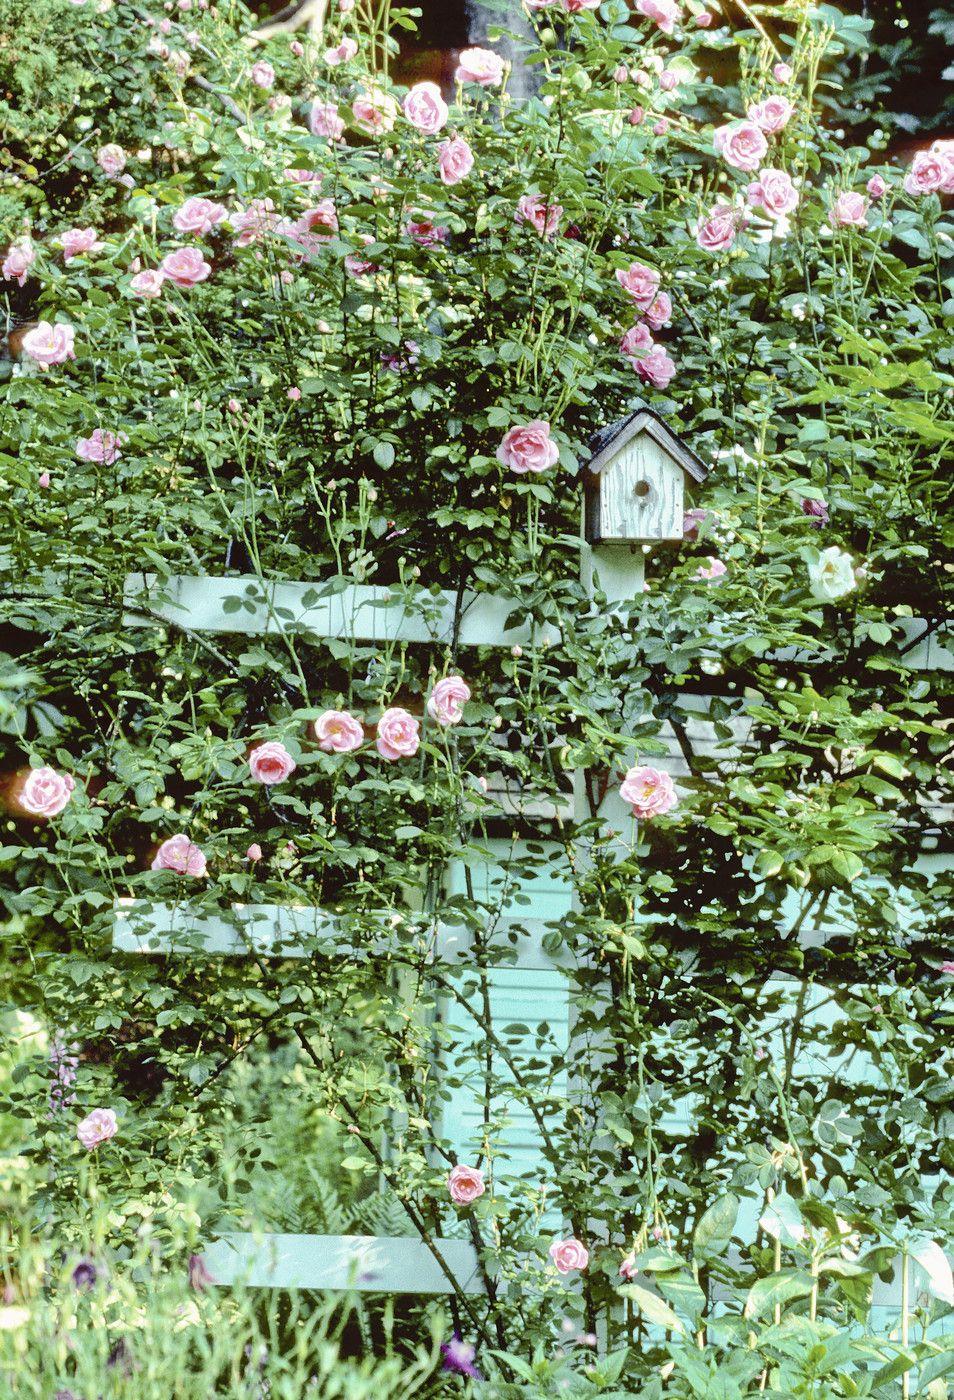 Green Country Garden | gardens | Pinterest | Garden photos, Gardens on french country vegetable gardens, french country rose art, french country trees, french country flower, french country cottage gardens,